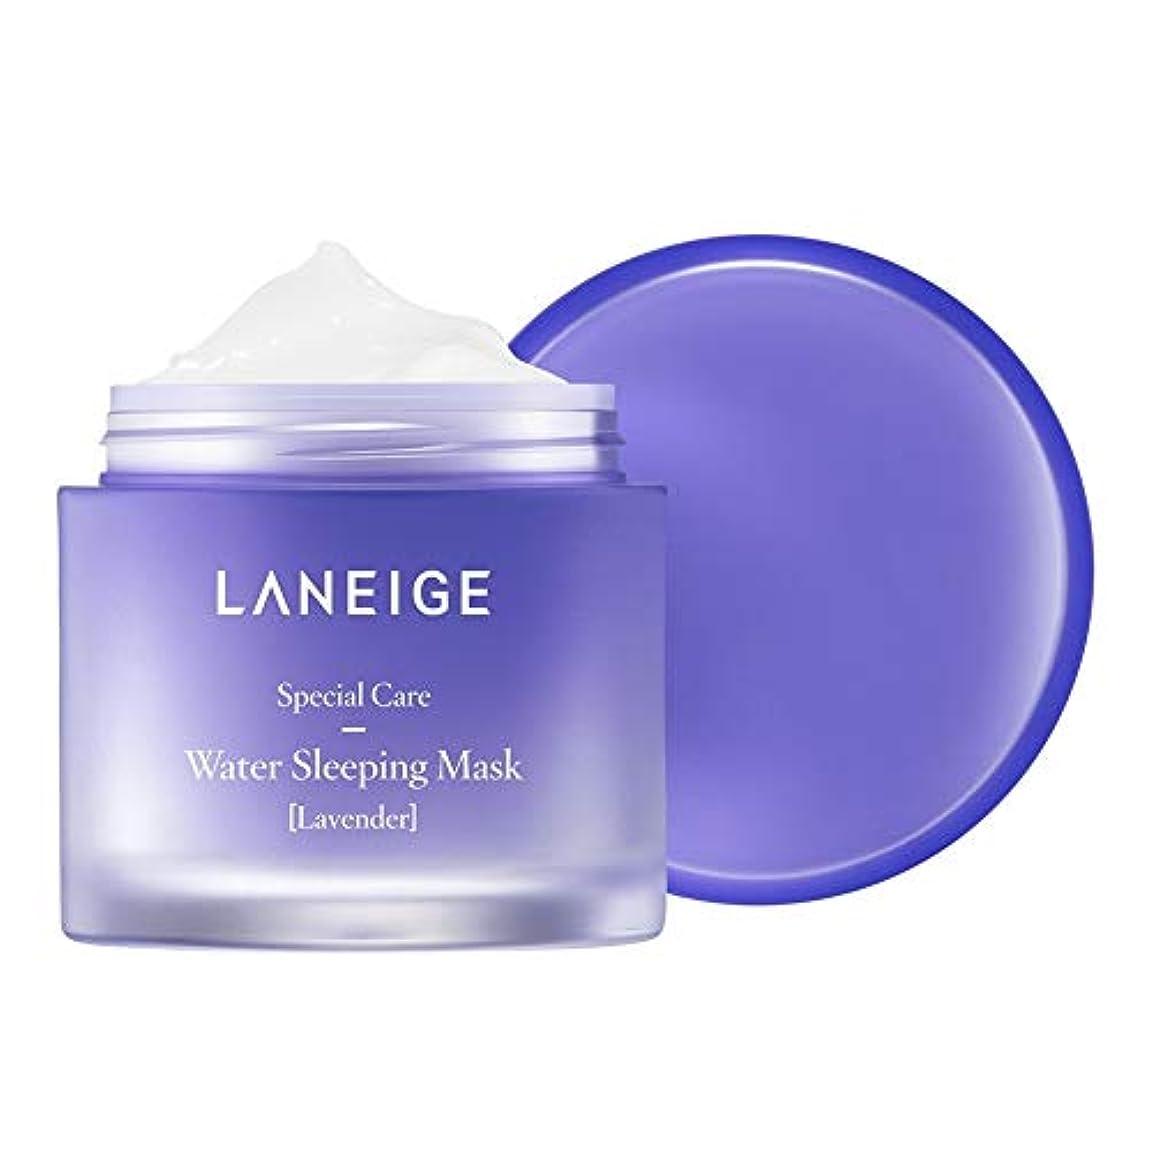 後退する終了しました威信LANEIGE ラネージュ ウォータースリーピング マスク ラベンダー2017 New リフィルミーバージョン 70ml Water Sleeping Mask 2017 Lavender [海外直送品]